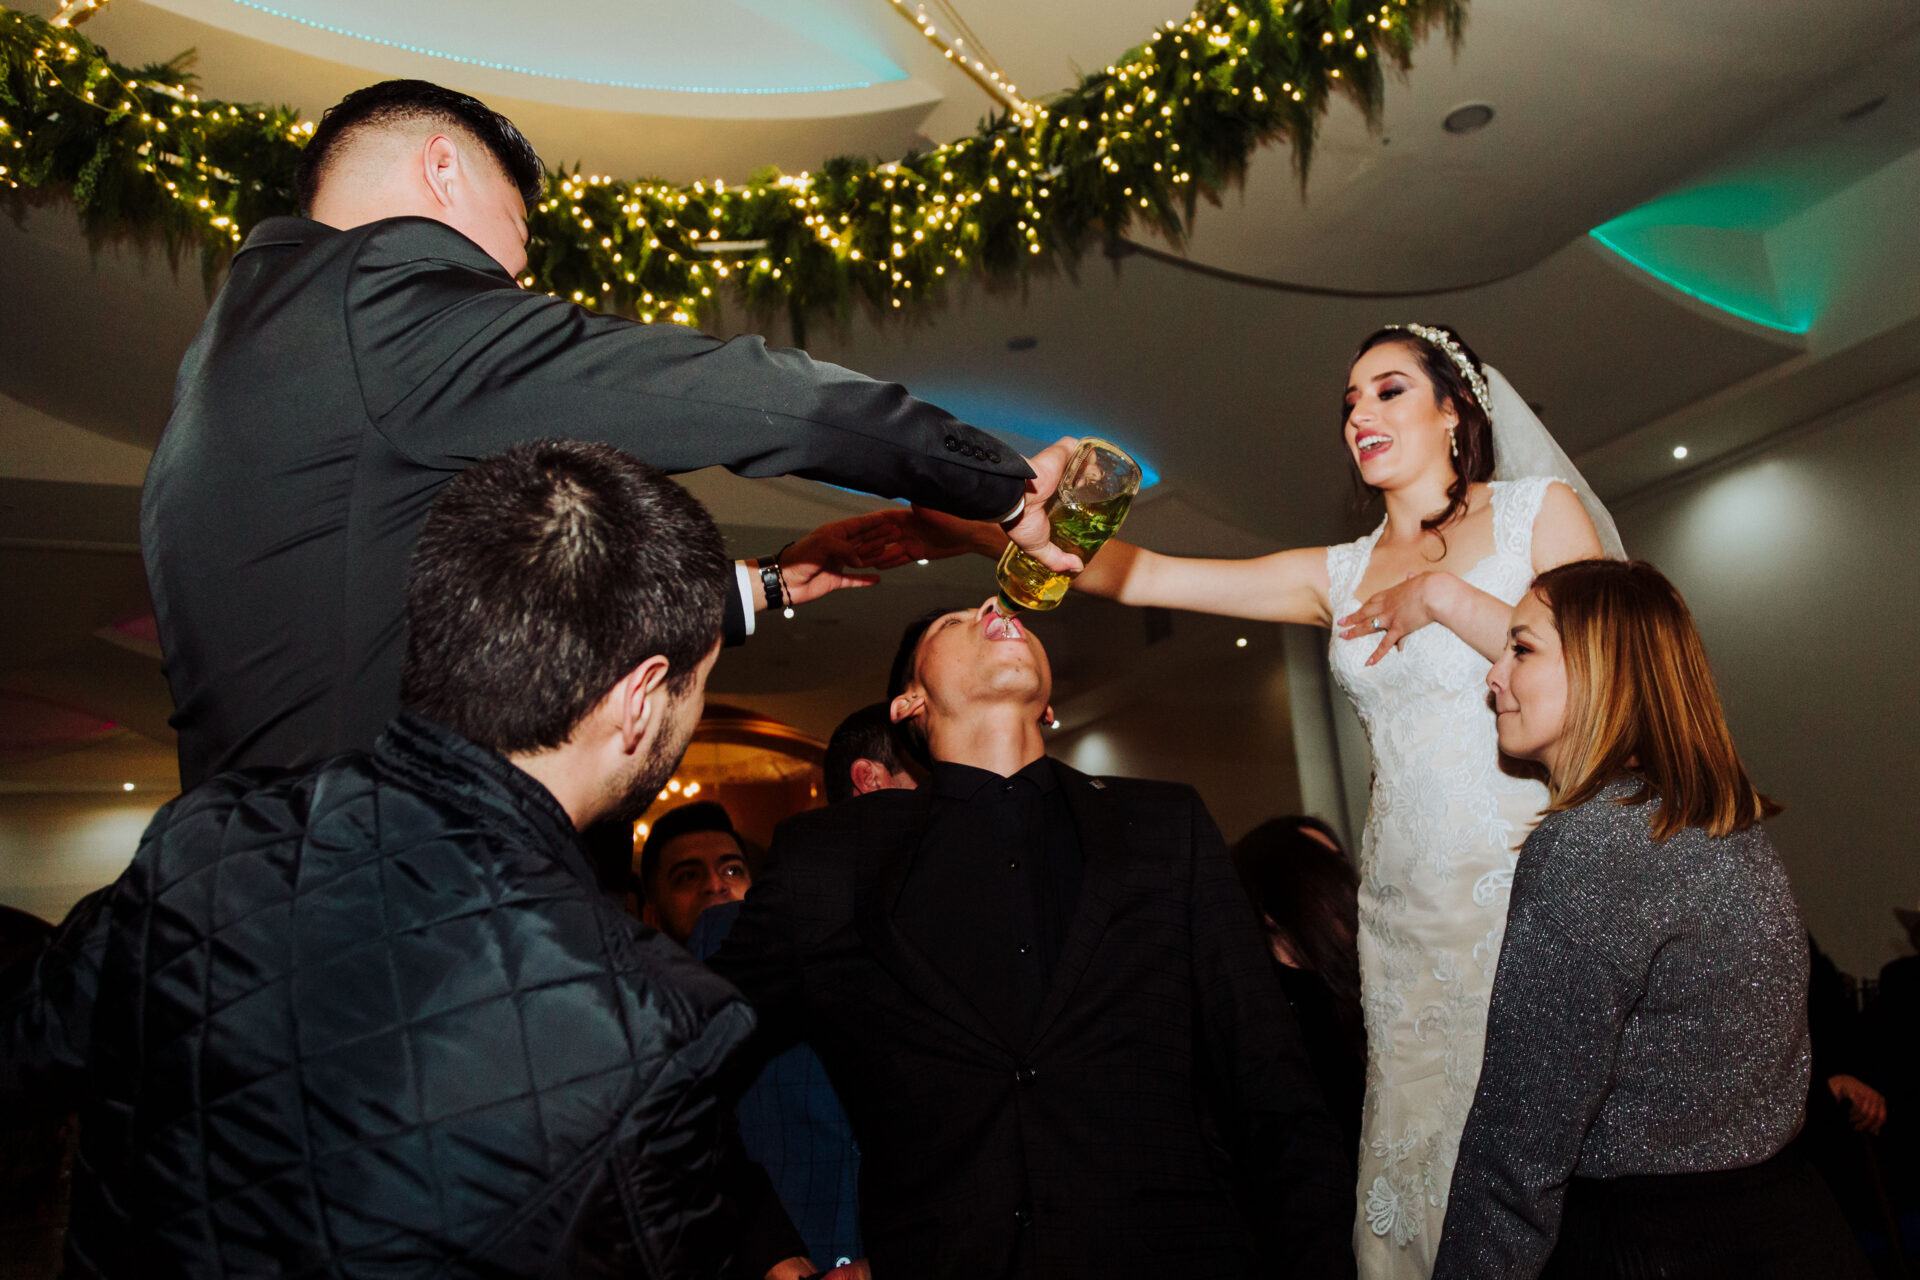 javier_noriega_fotografo_Boda_san_ramon_zacatecas_wedding_photographer26